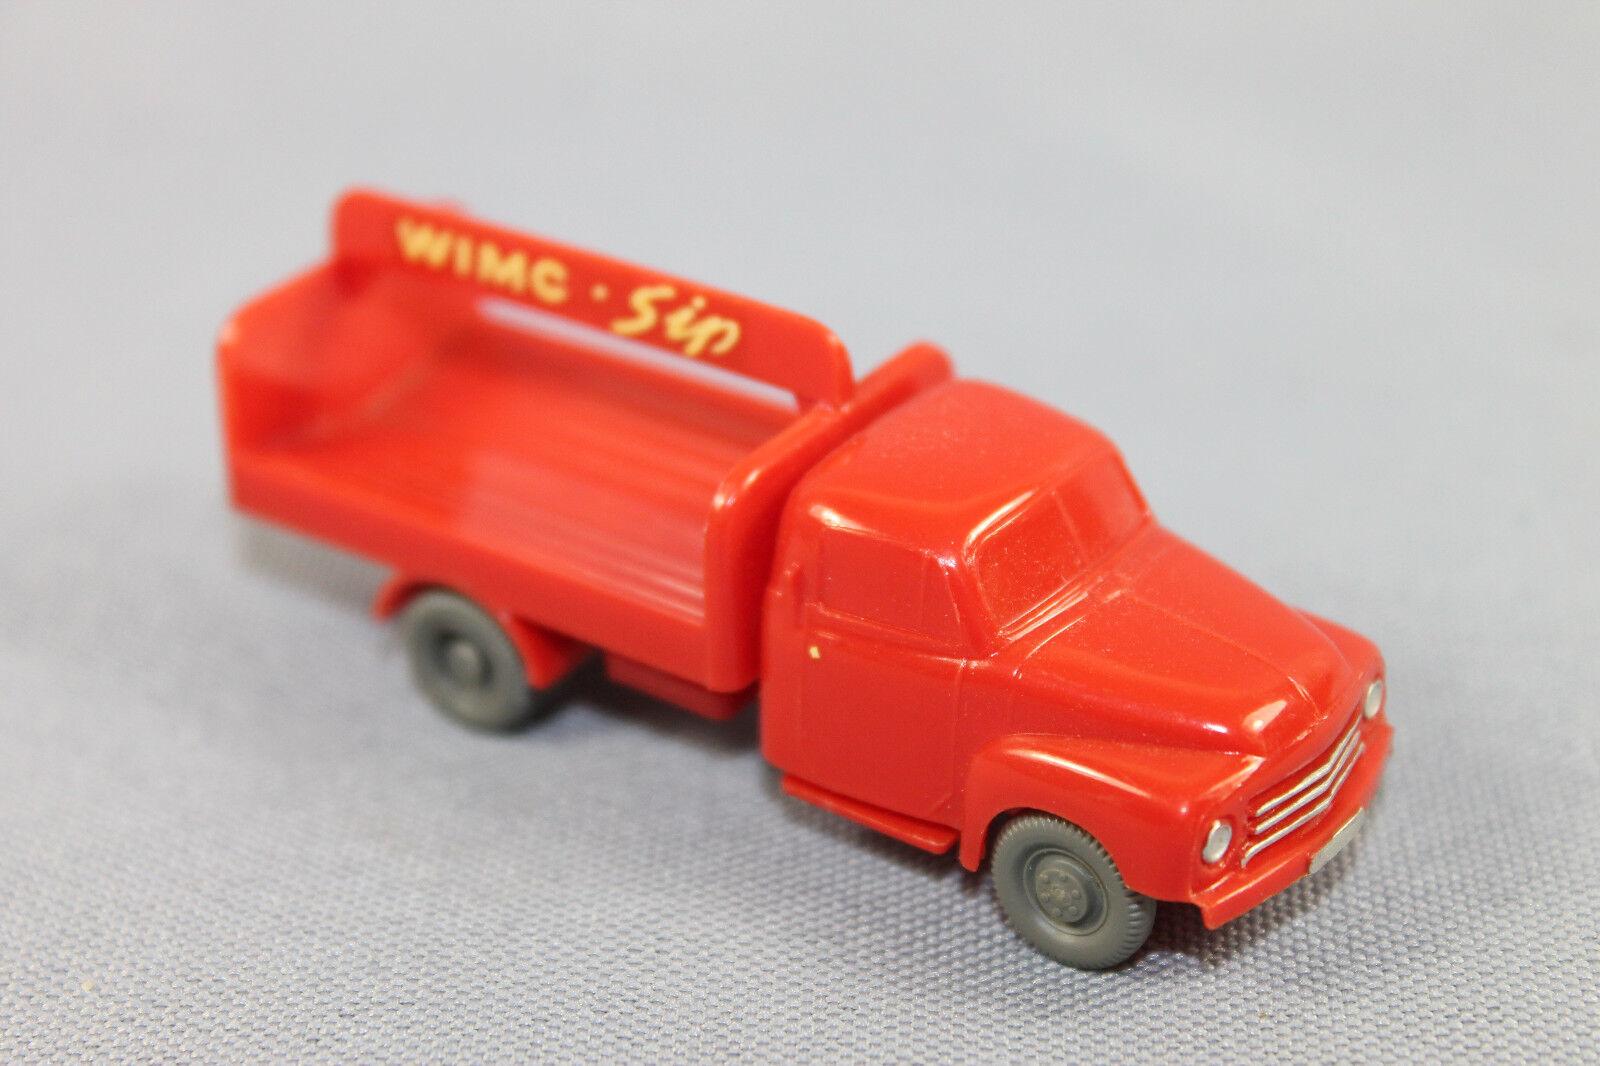 Wiking 164 1 WIMO-SIP carrello delle bevande Opel Blitz unverglast scala 1 87